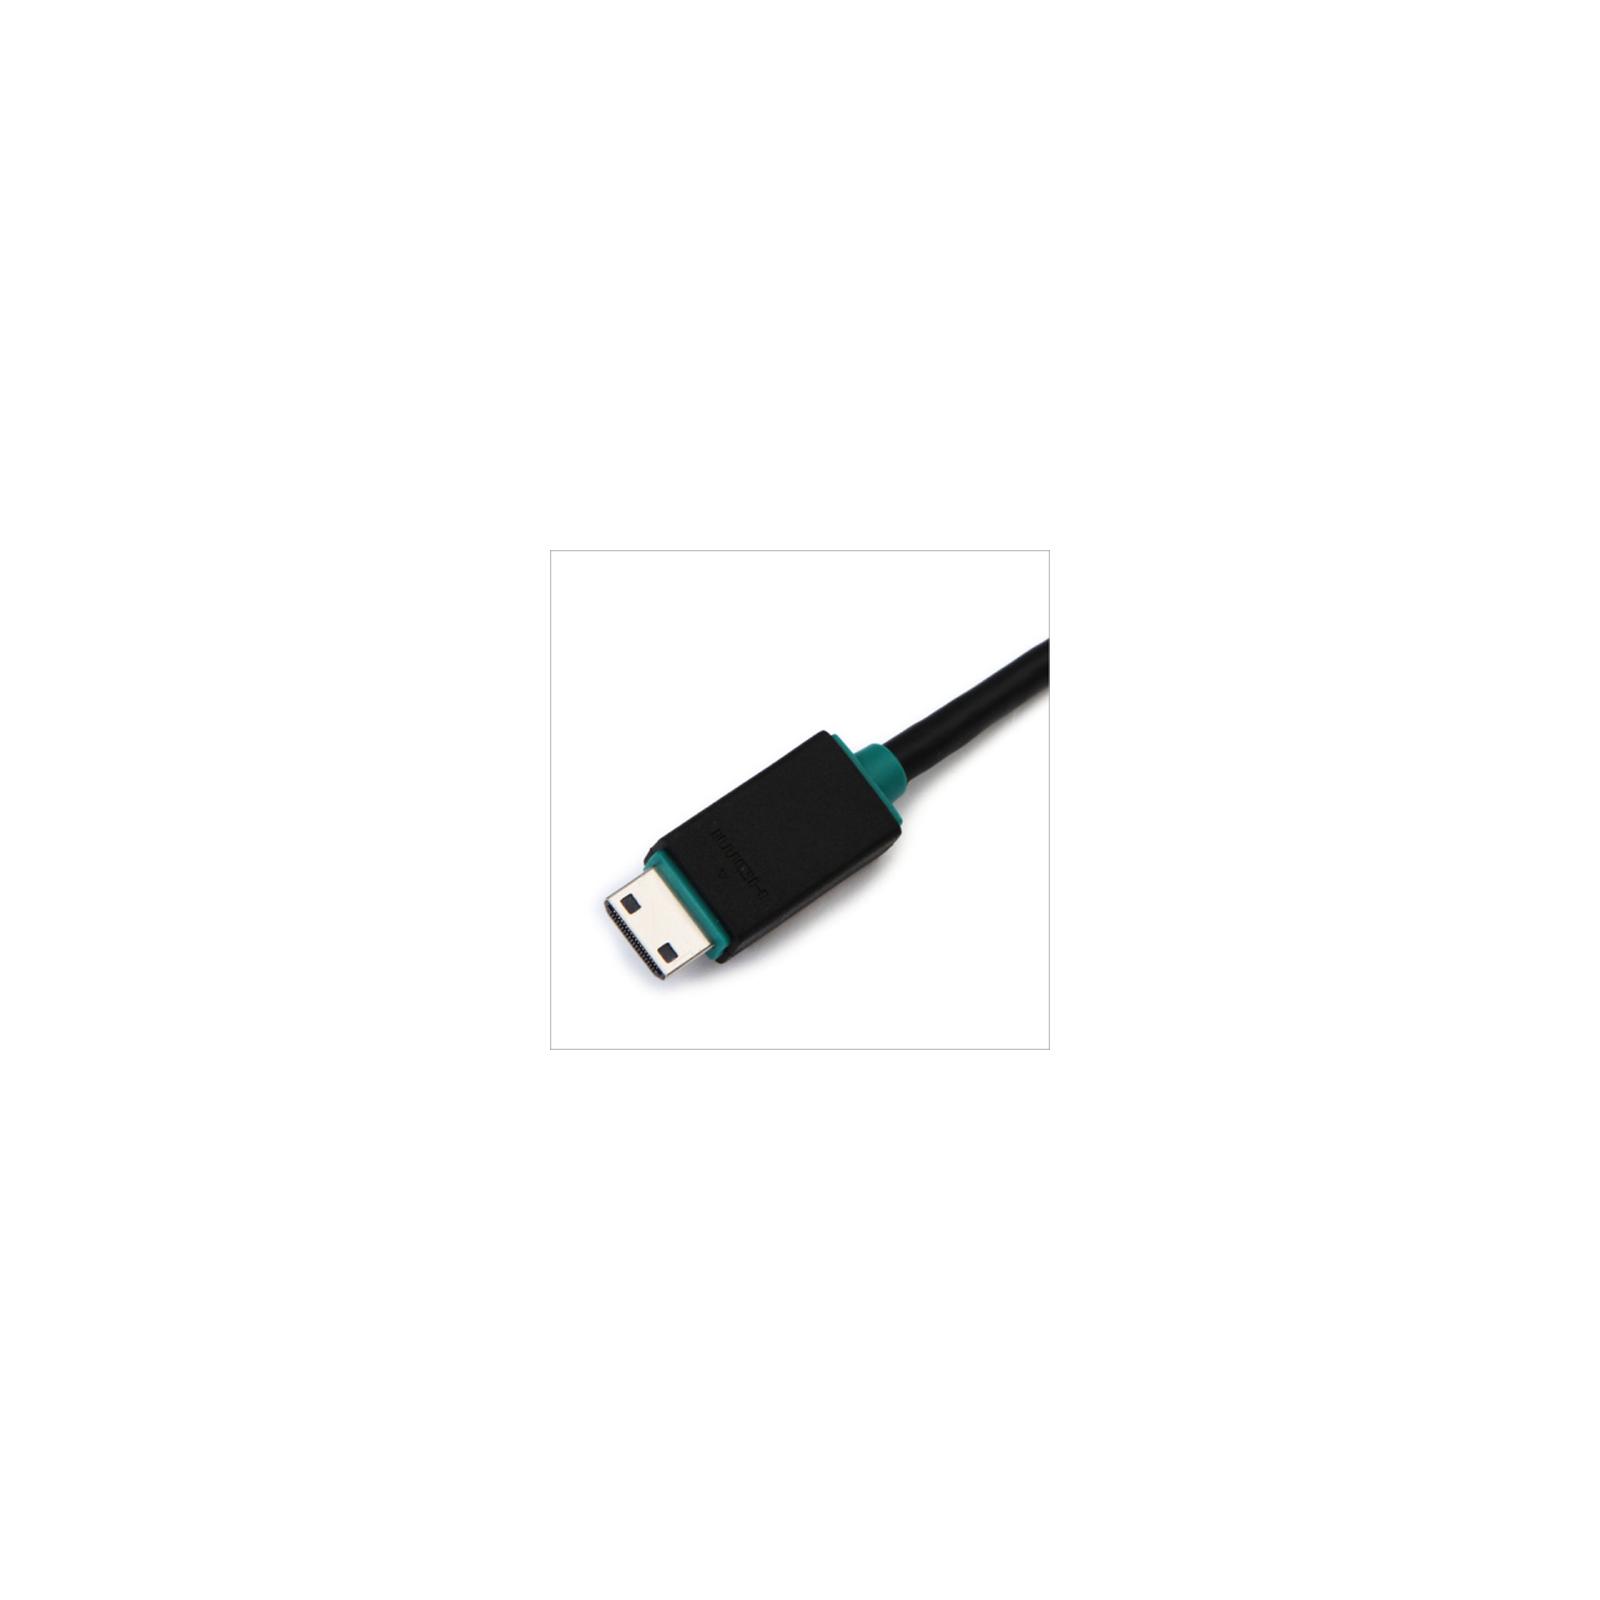 Кабель мультимедийный HDMI to miniHDMI 1.5m Prolink (PB349-0150) изображение 4